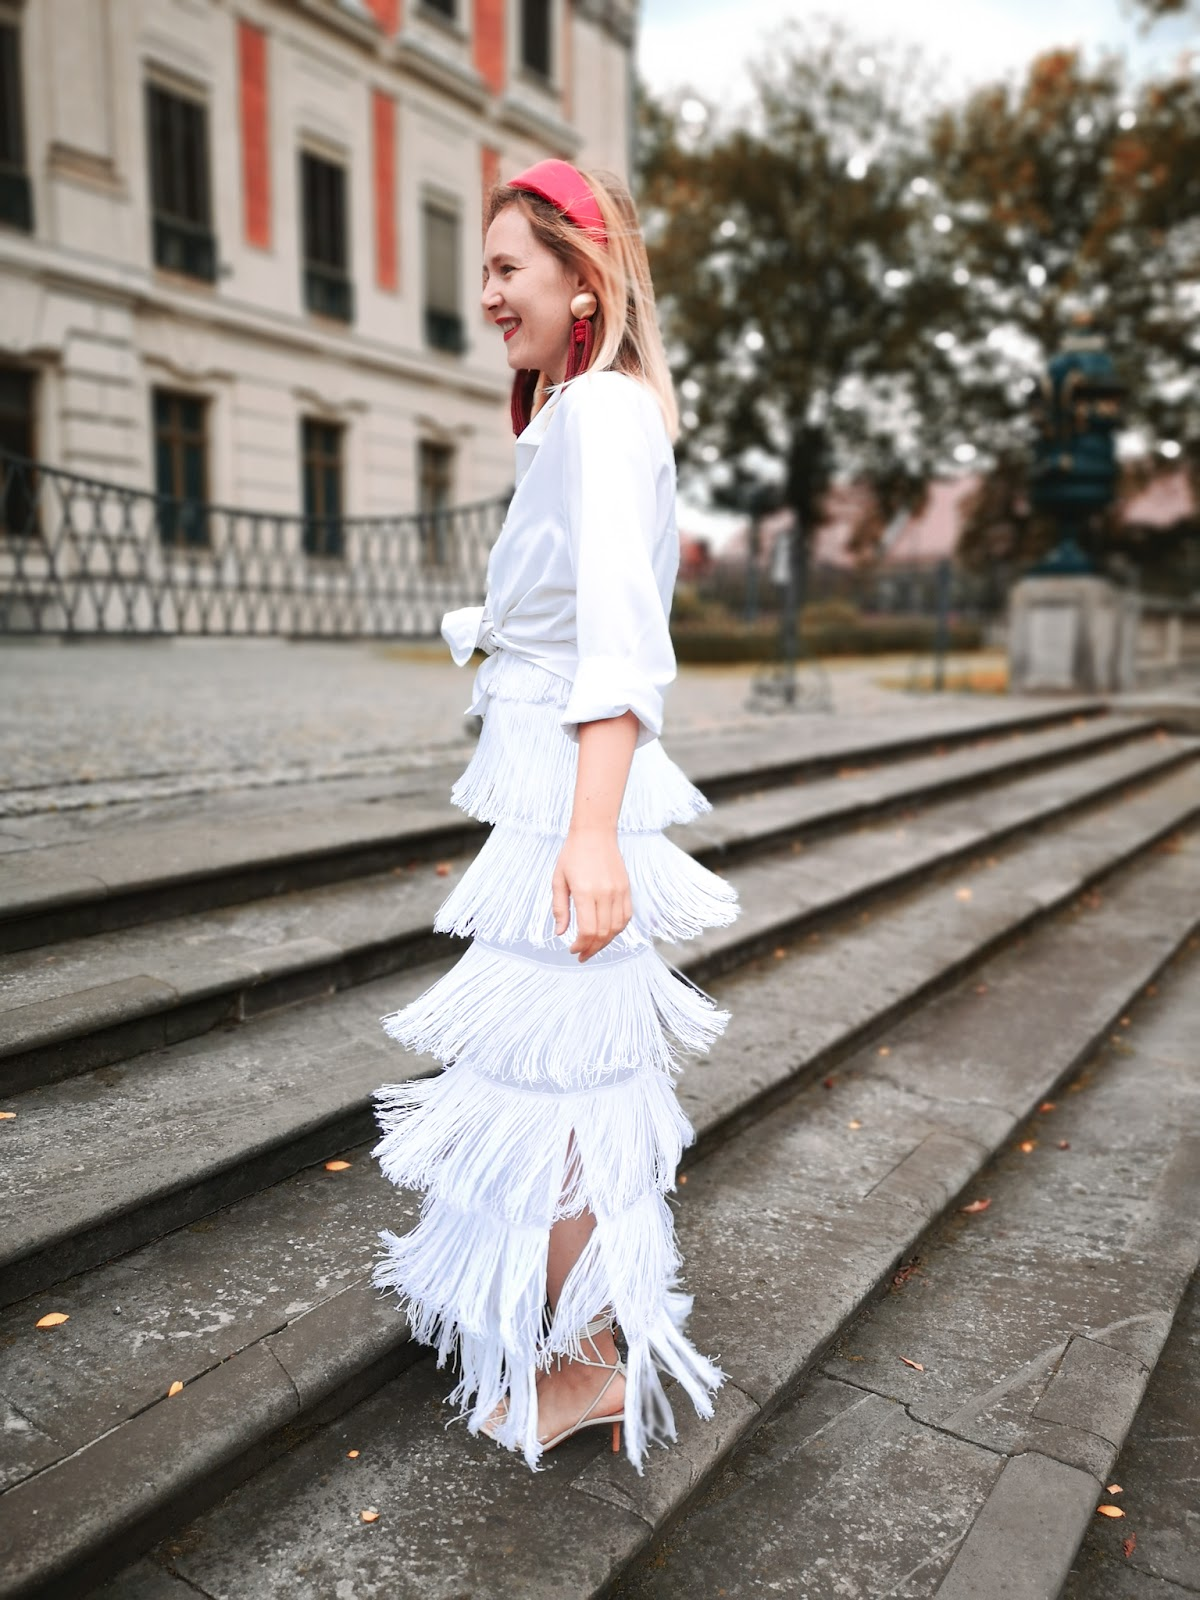 sukienka frędzle, frędzle, z frędzlami, fringe dress, retro dress, spaghetti strap fringe dress; opaska czerwona; opaska uterque; czerwona torebka ; kolczyki długie frędzle; kolczyki frędzle, kolczyki uterque;